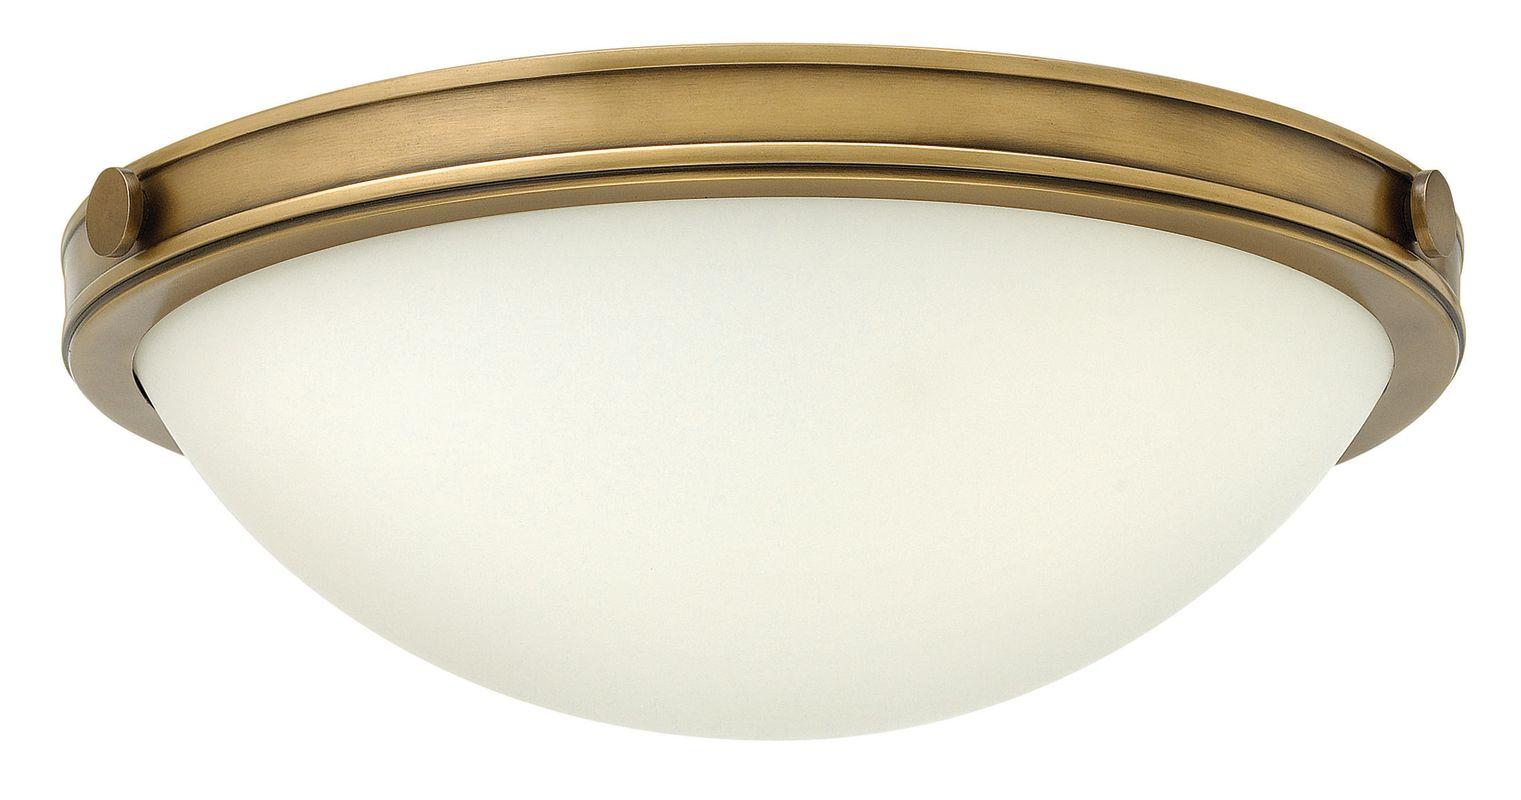 Hinkley Lighting 3782 2 Light Flush Mount Ceiling Fixture from the